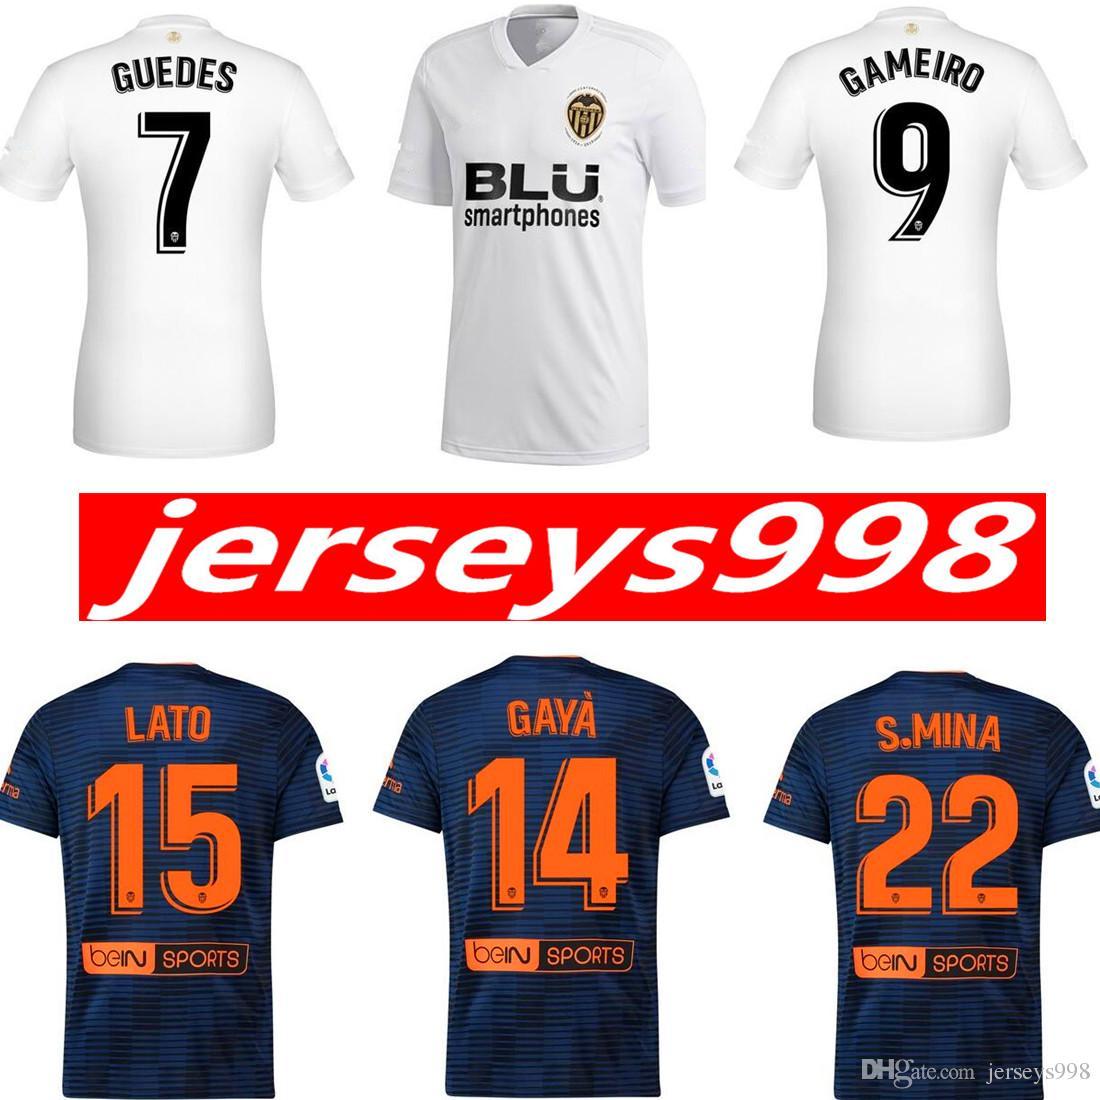 Camisetas De Fútbol Doradas Valencia 2019 De Calidad Tailandesa ... 3496048124b20